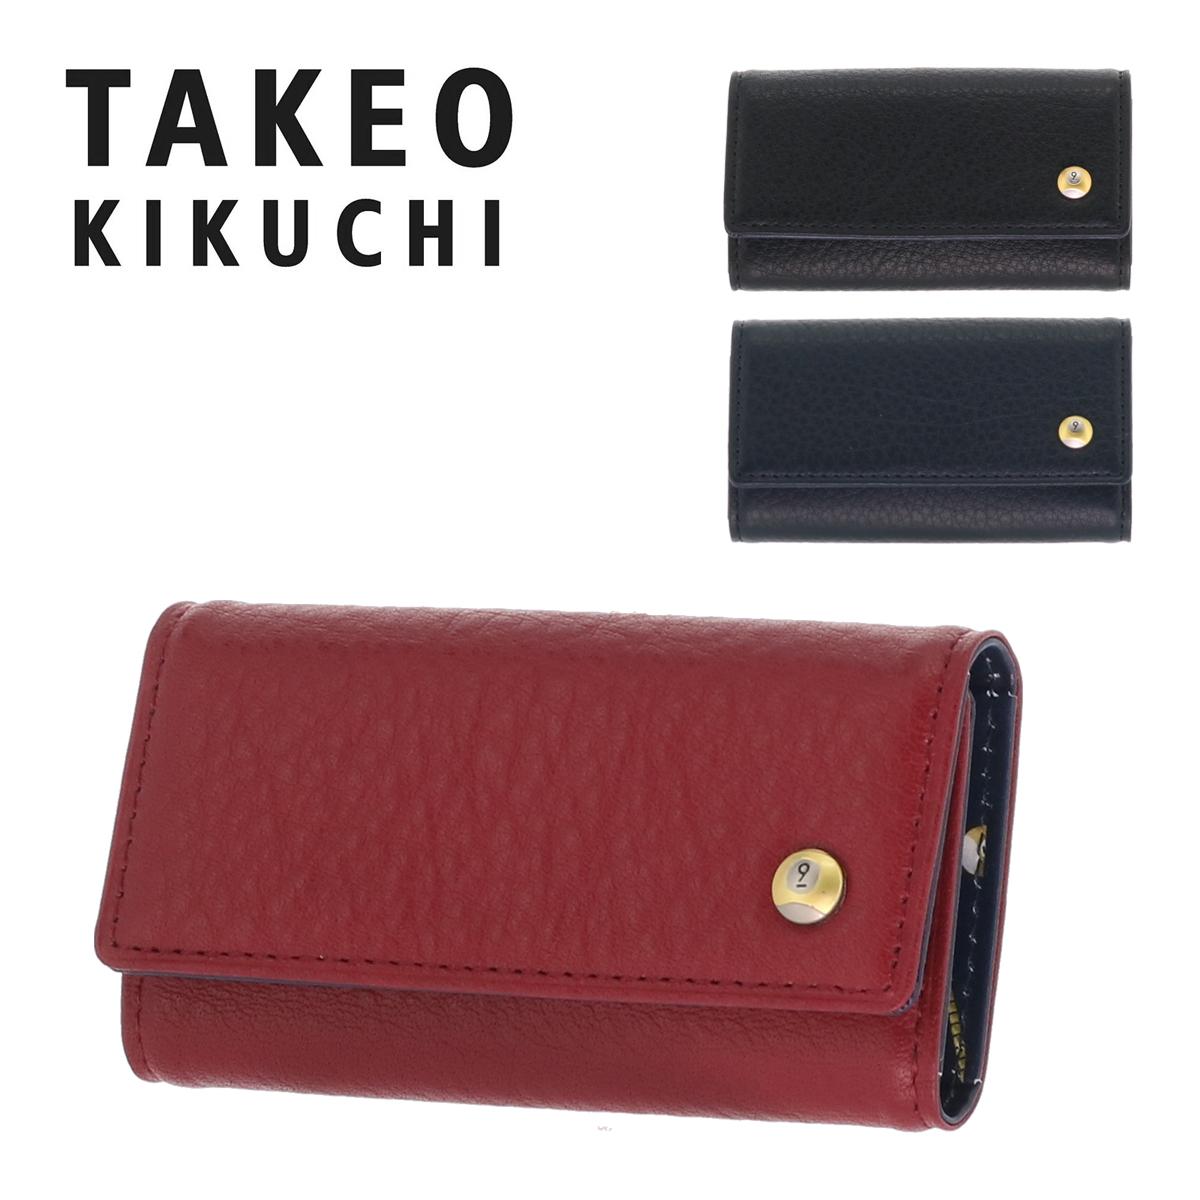 タケオキクチ TAKEO KIKUCHI キーケース 719602 バグッタ 【 メンズ レザー 】[PO5][bef]